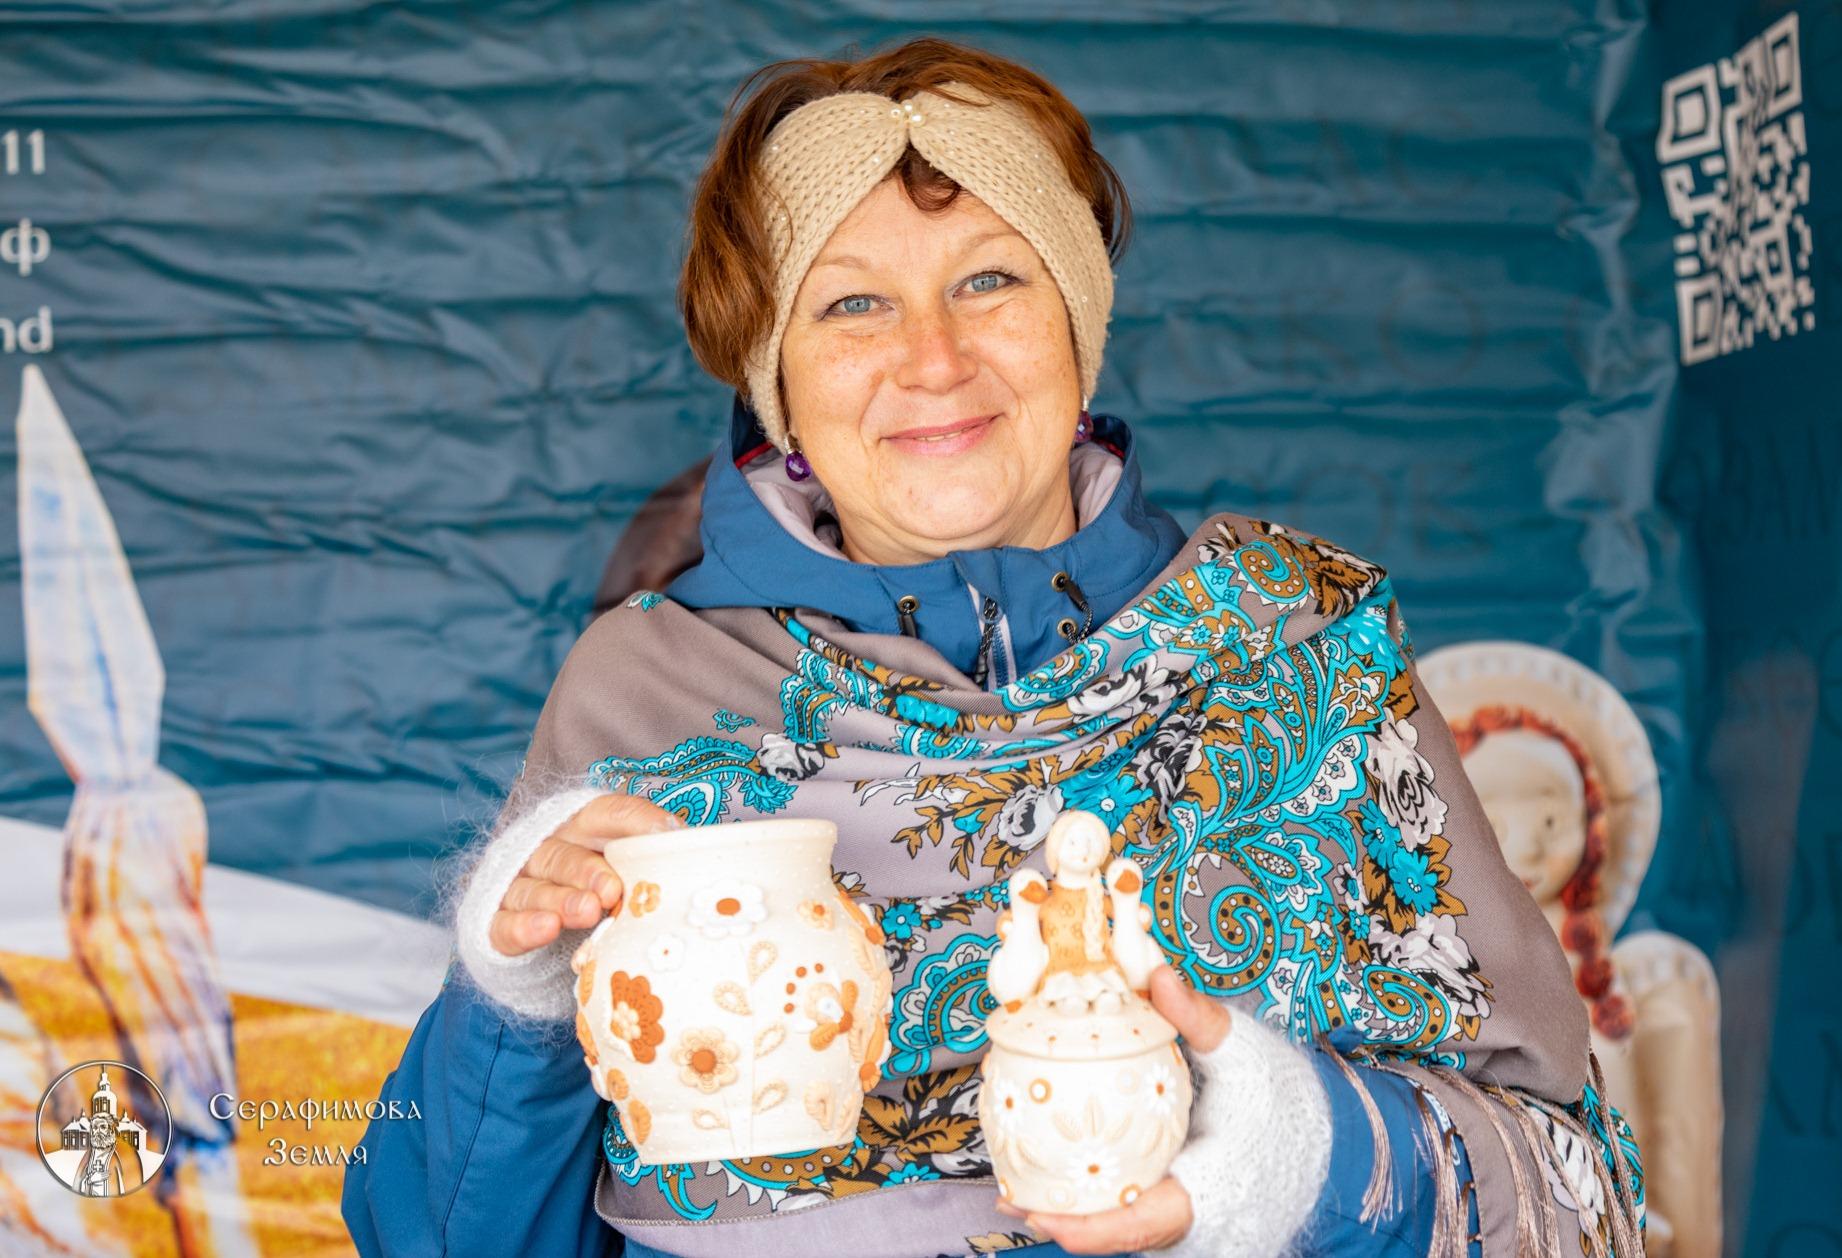 Фестиваль «Секреты мастеров» проходит в Нижнем Новгороде